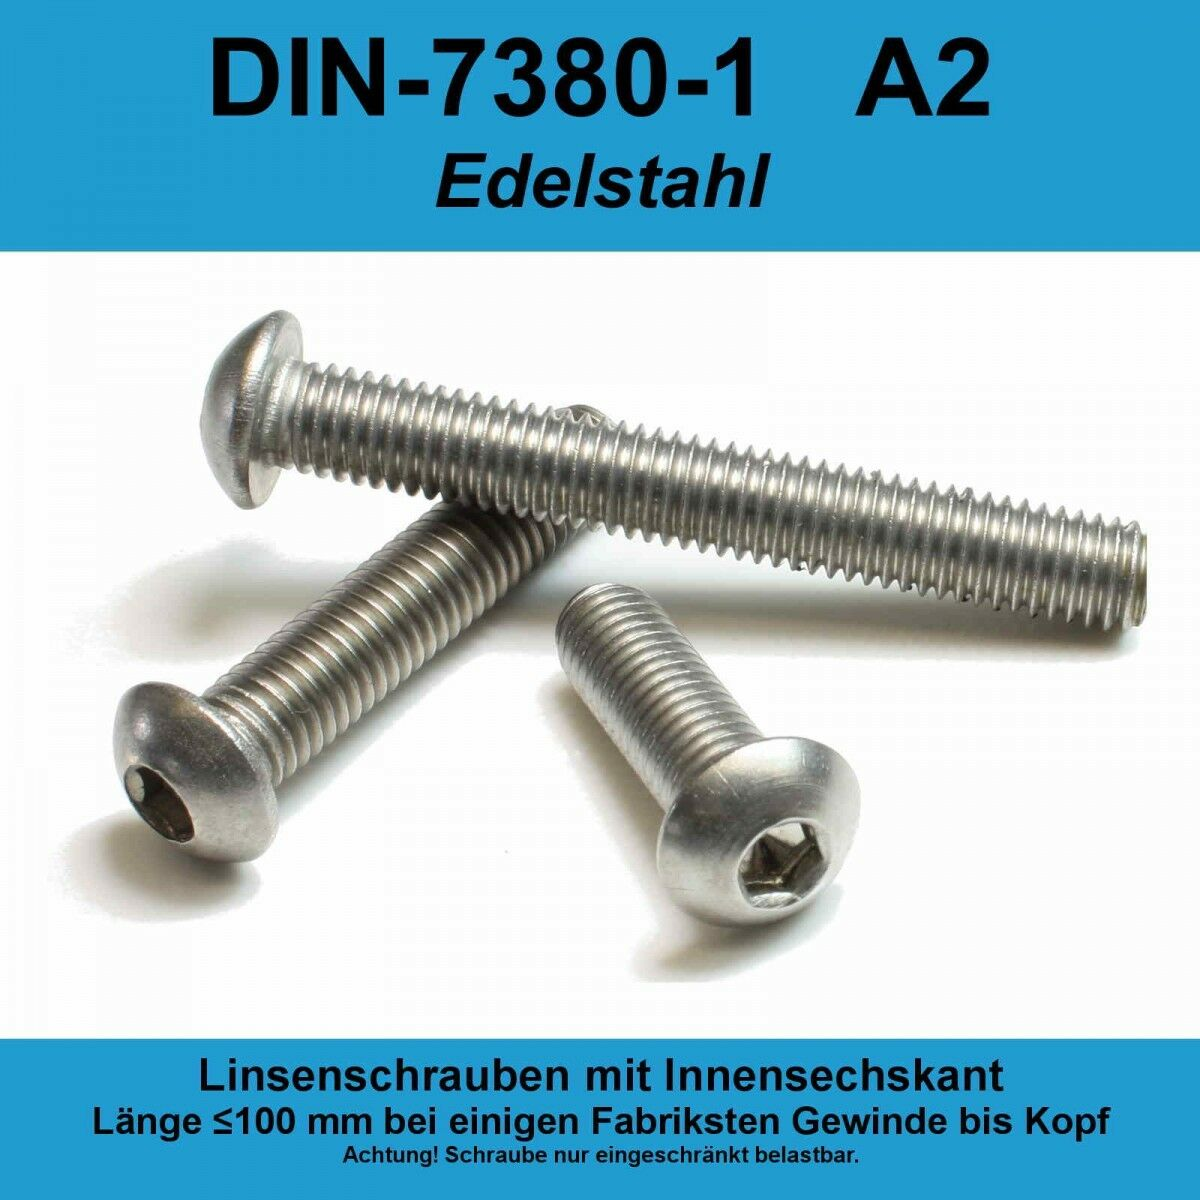 M5 ISO 7380-1 A2 V2A Edelstahl Linsenschrauben Innensechskant Linsenkopf M5x     | Am wirtschaftlichsten